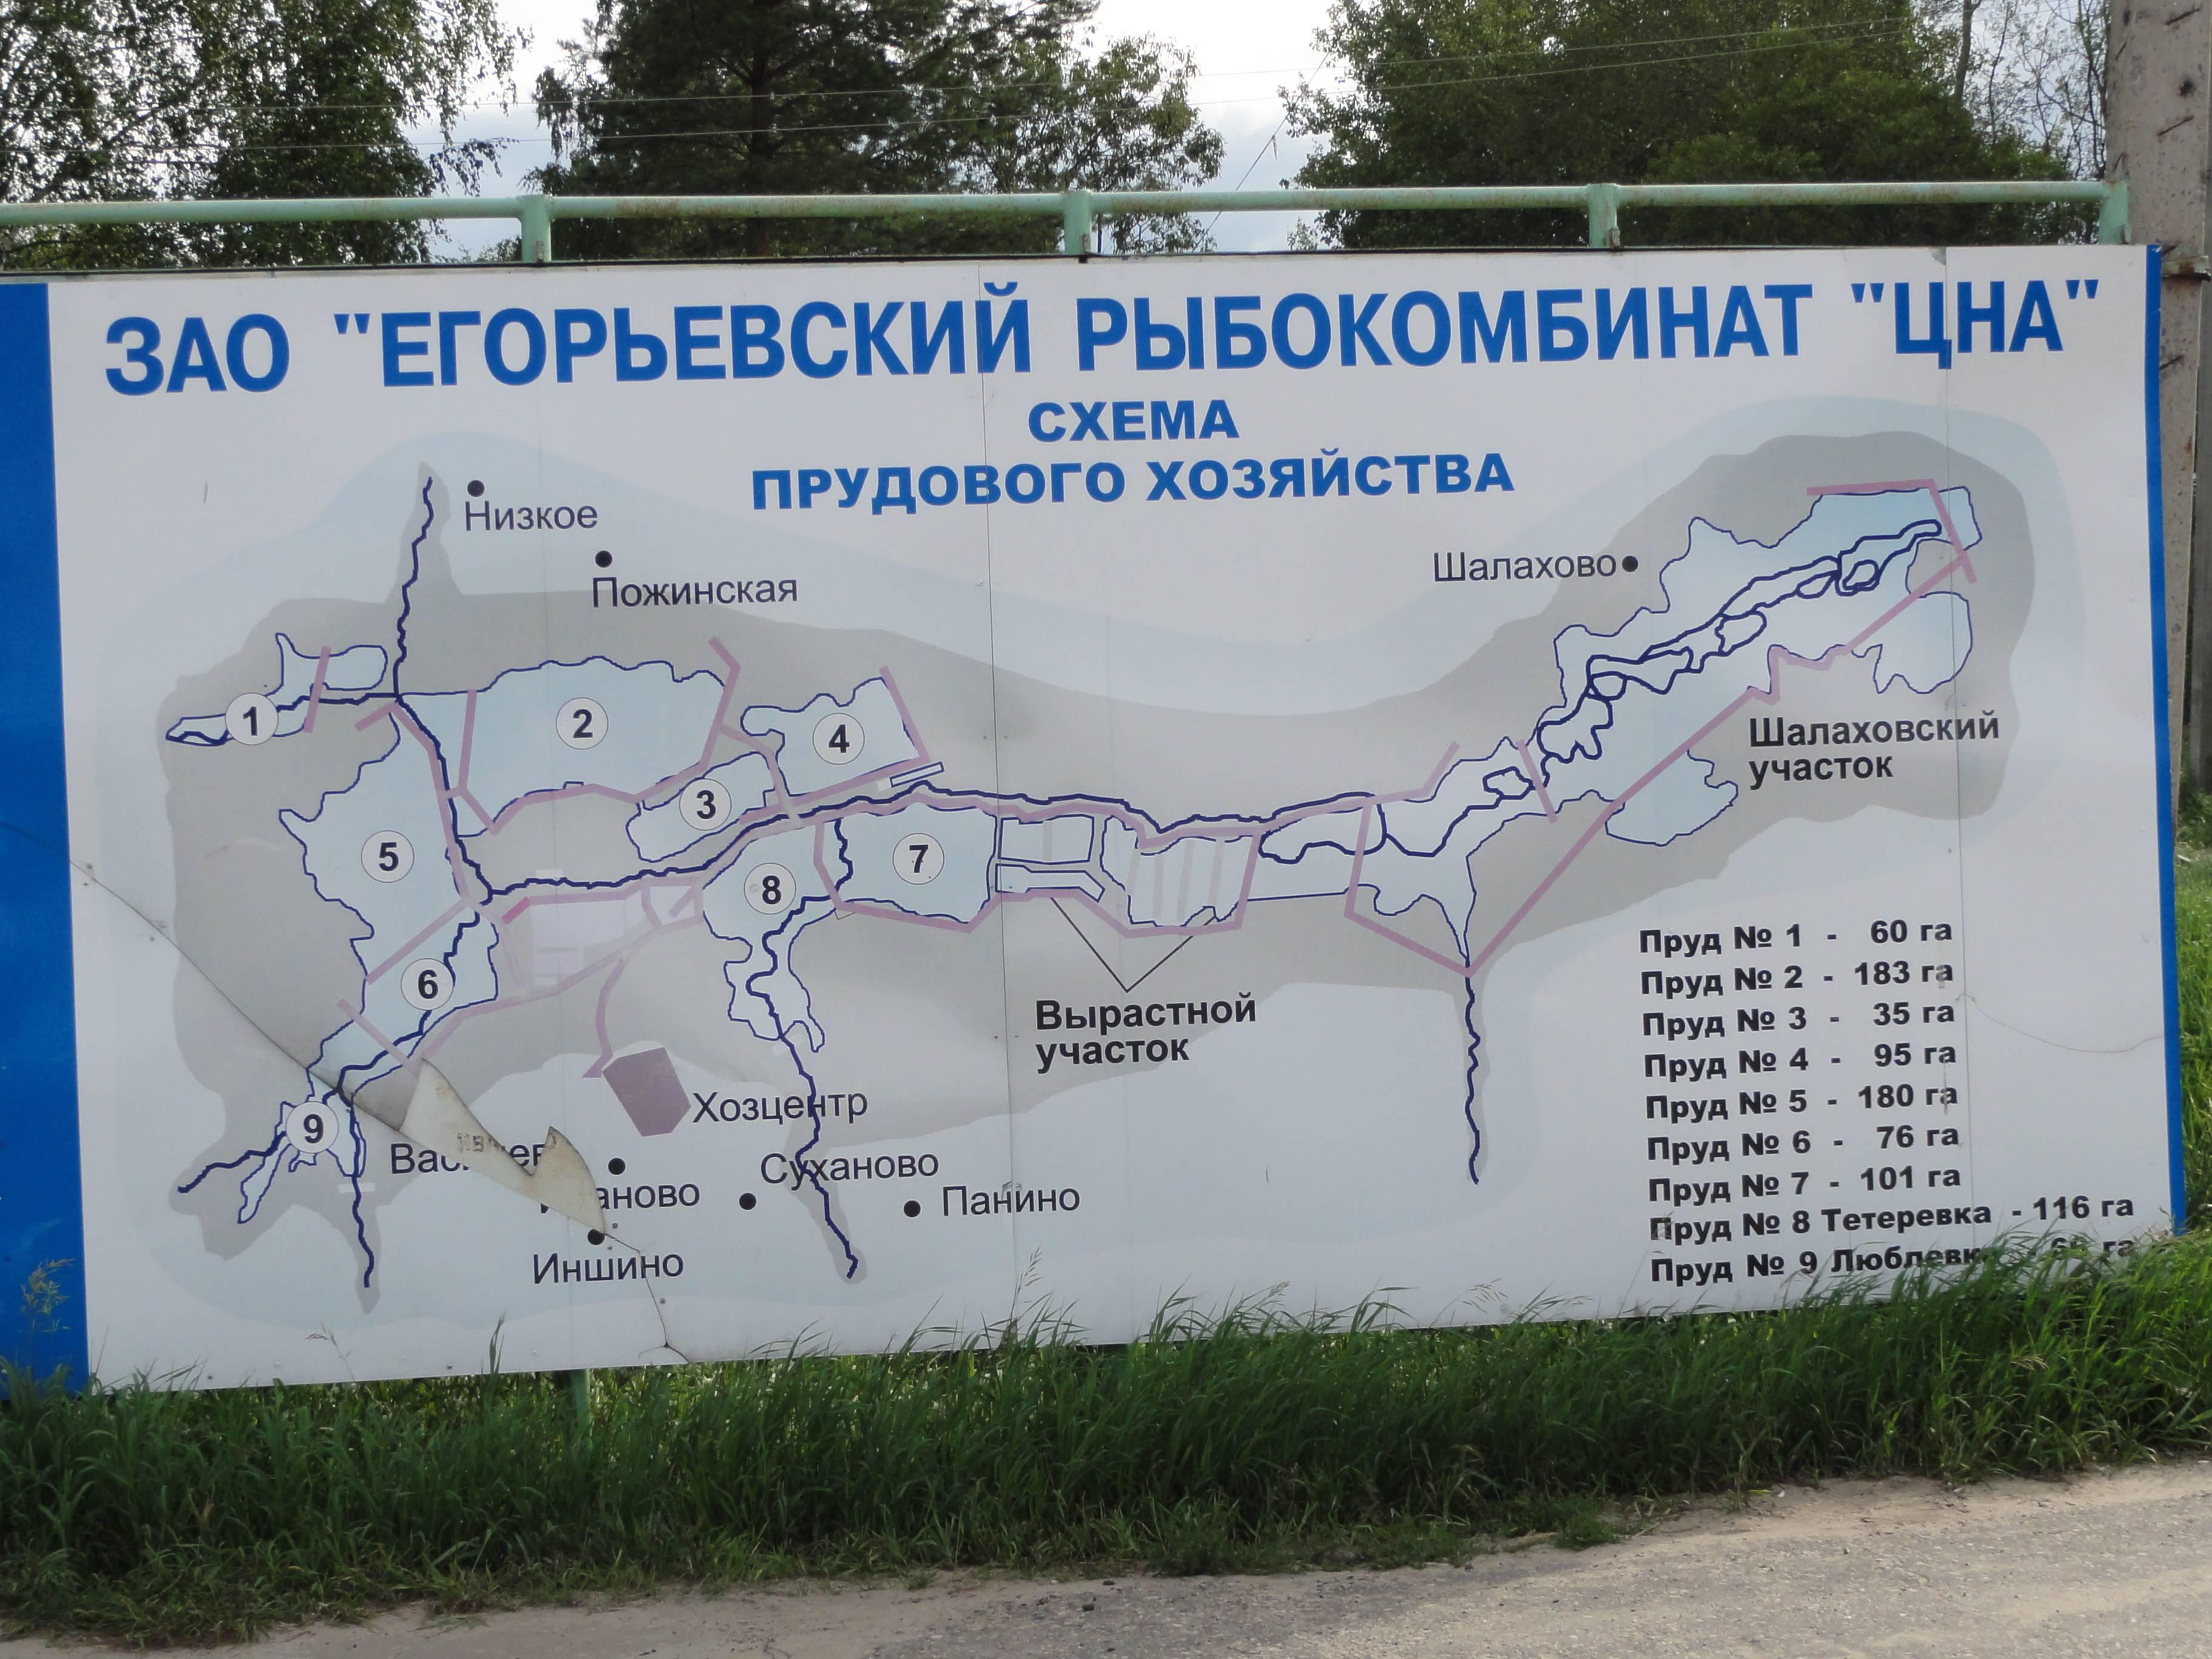 ᐉ егорьевский рыбокомбинат - платные водоемы - ✅ ribalka-snasti.ru